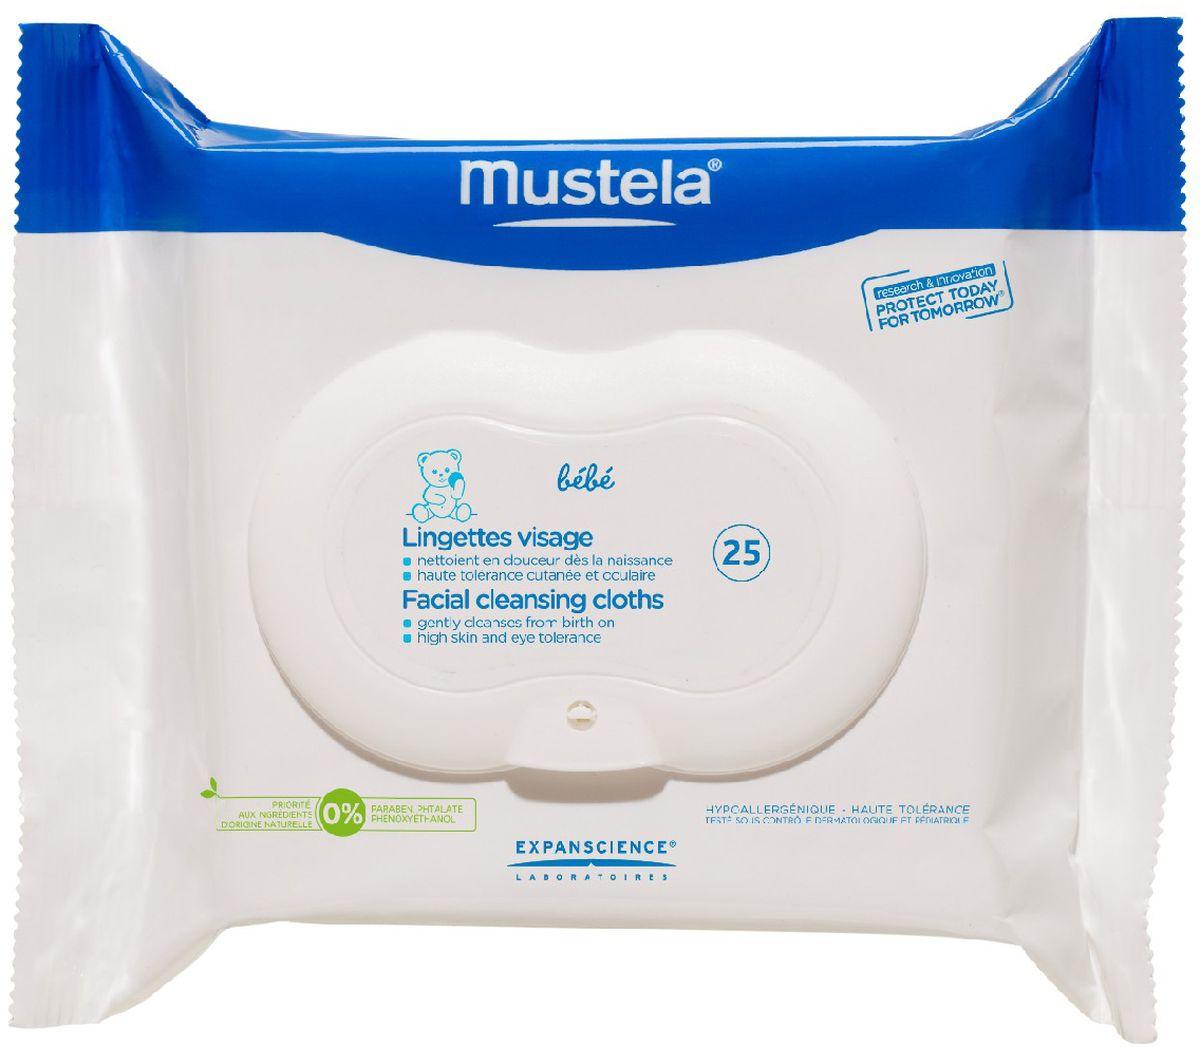 Mustela Влажные салфетки детские очищающие для лица №25